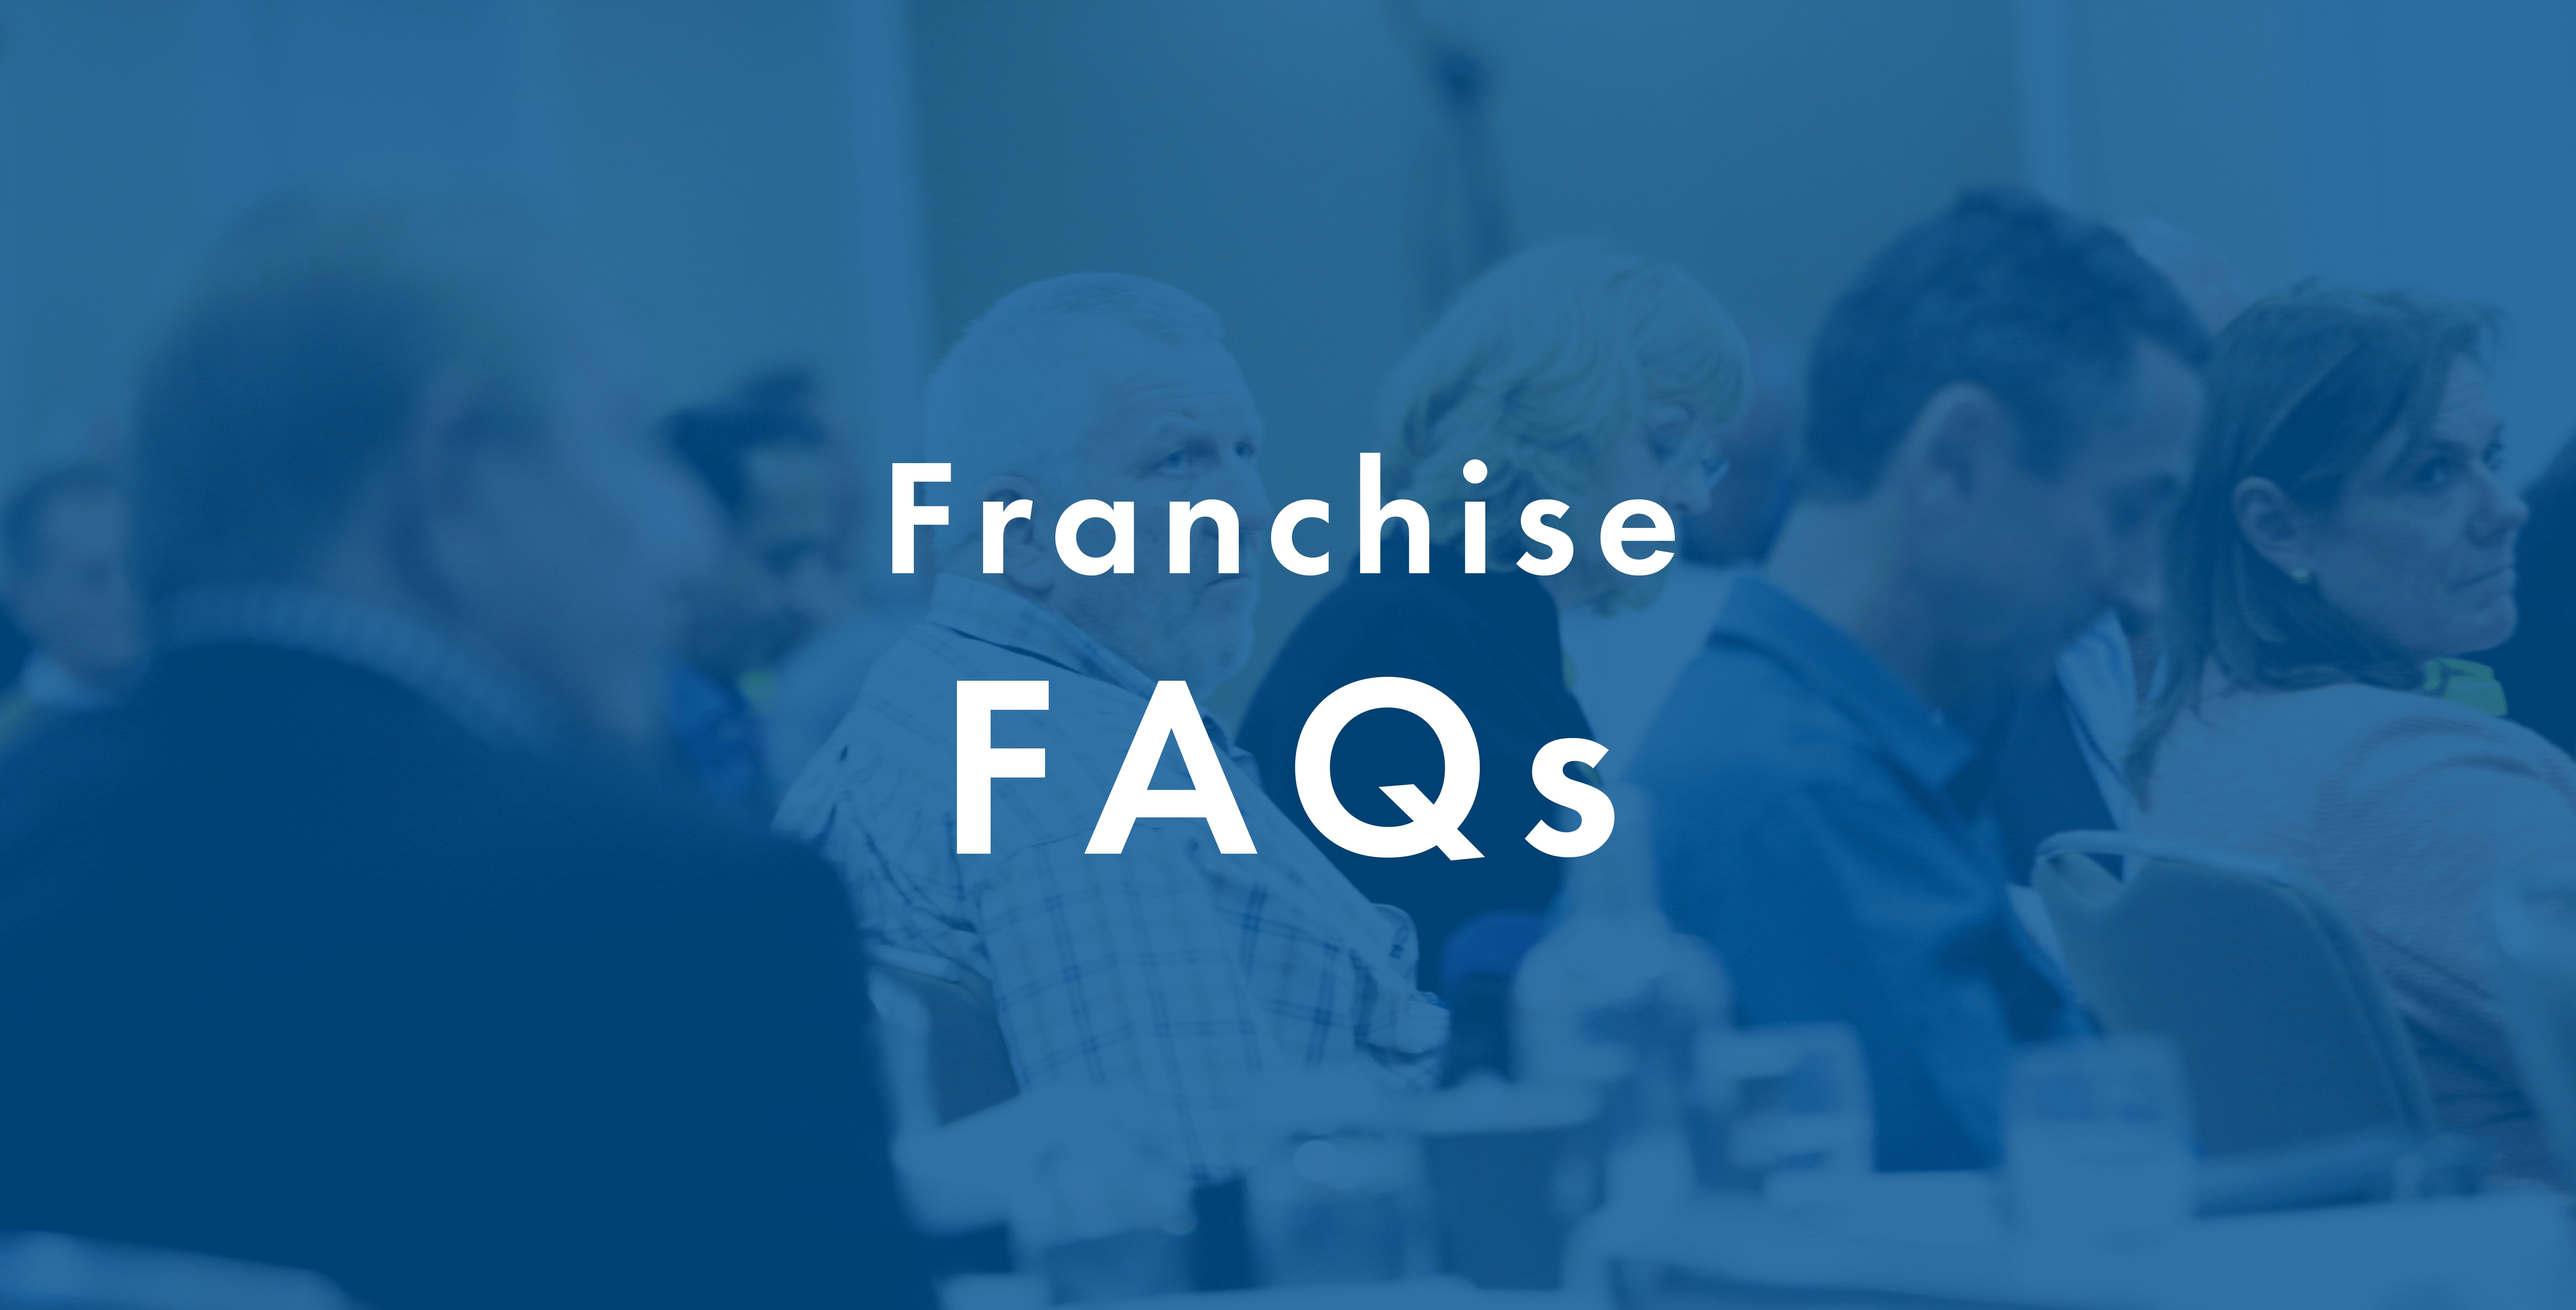 ActionCOACH Franchise FAQ